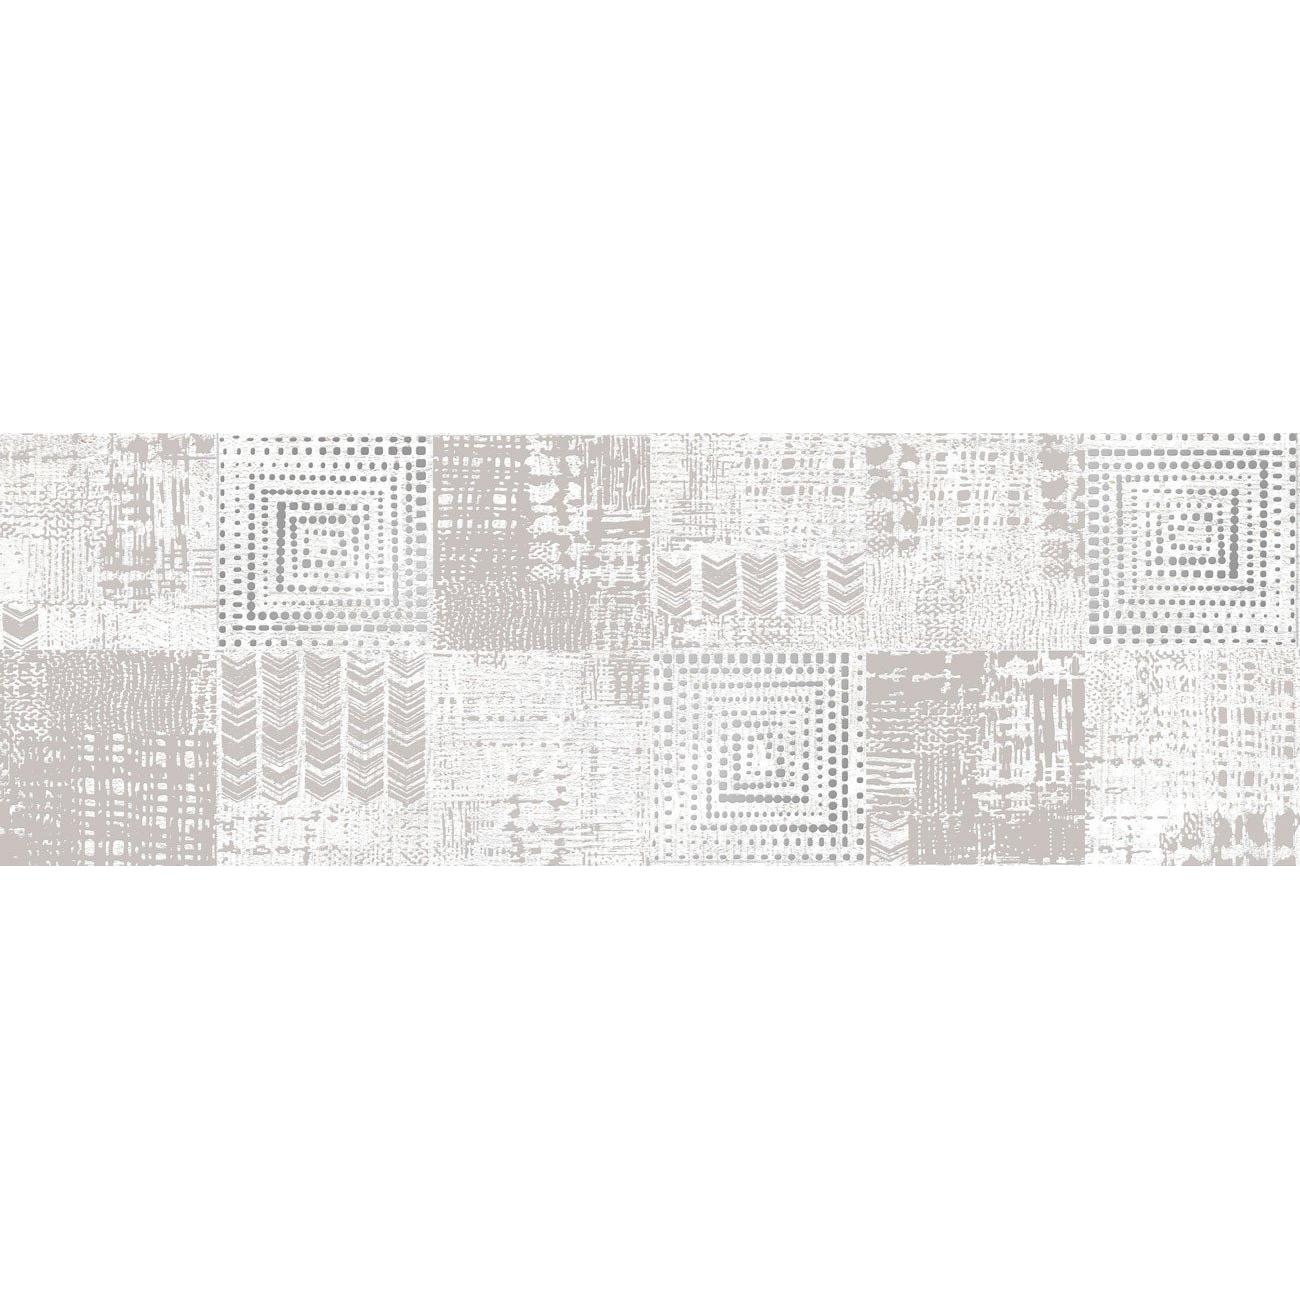 Декор Alma Ceramica Letticia DWU12LTC17R 24,6x74 см декор alma ceramica grigio dwu09grg027 24 9x50 см